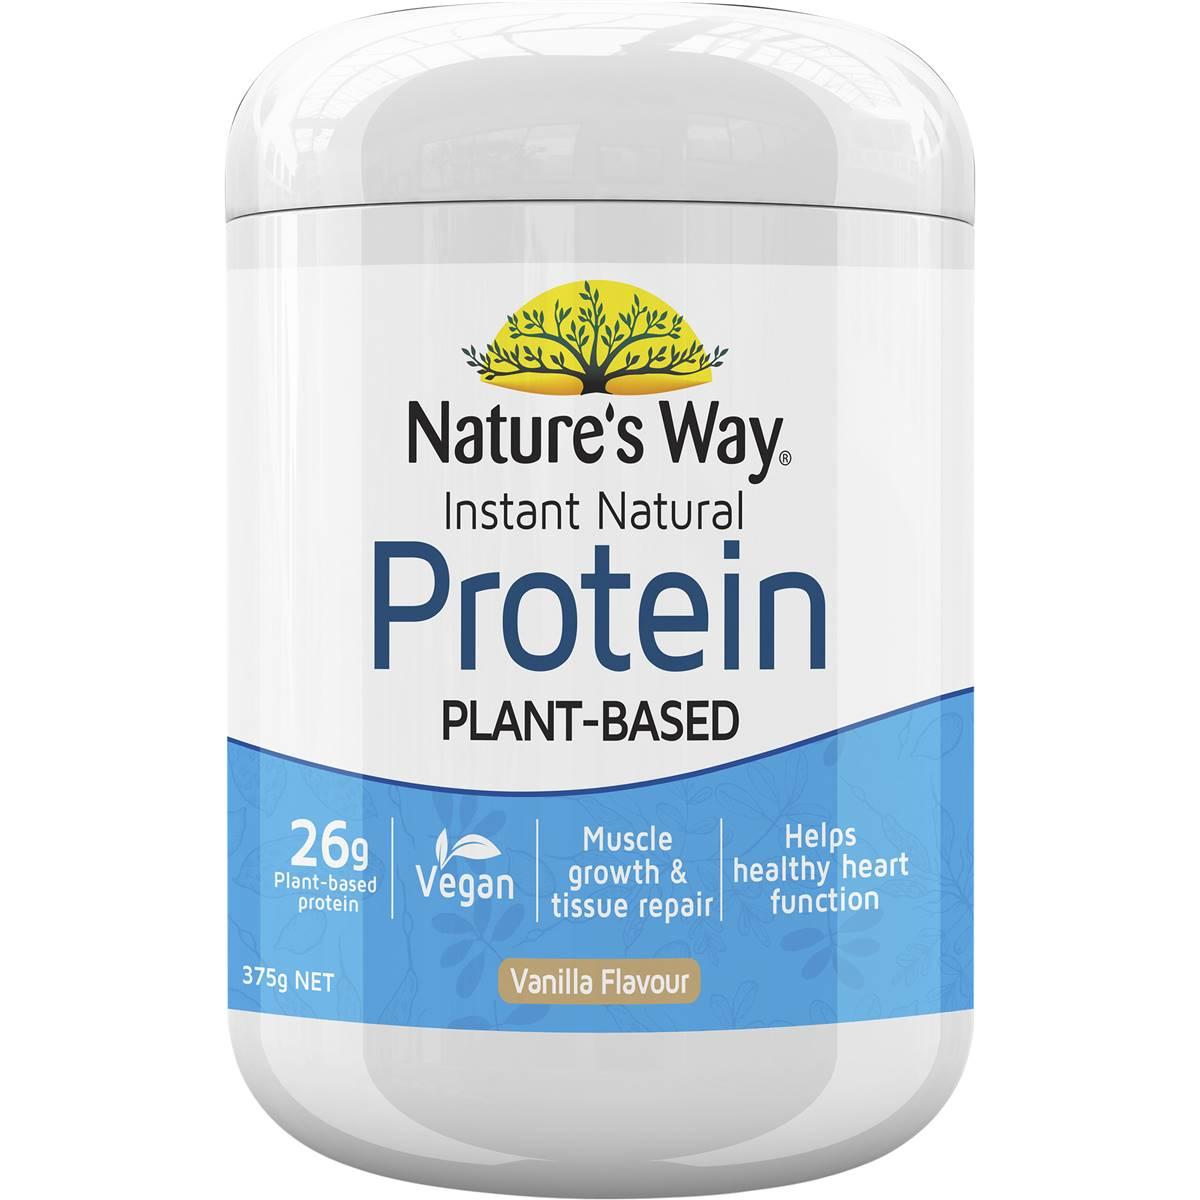 Natures Way Protein Powder Vanilla